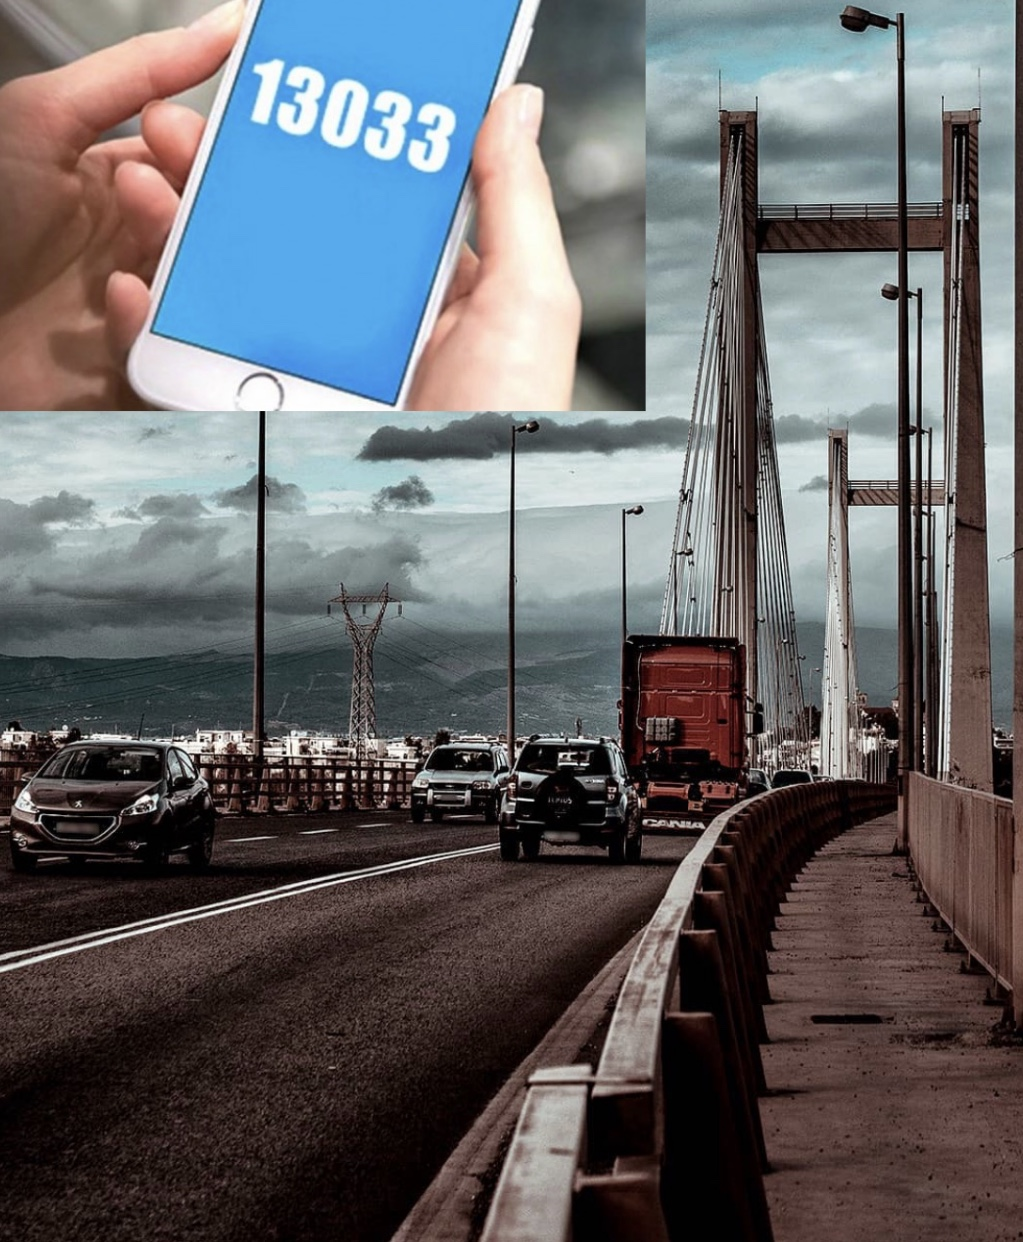 SMS 13033: Οι έξι κωδικοί μετακίνησης – Τι ισχύει από την Παρασκευή